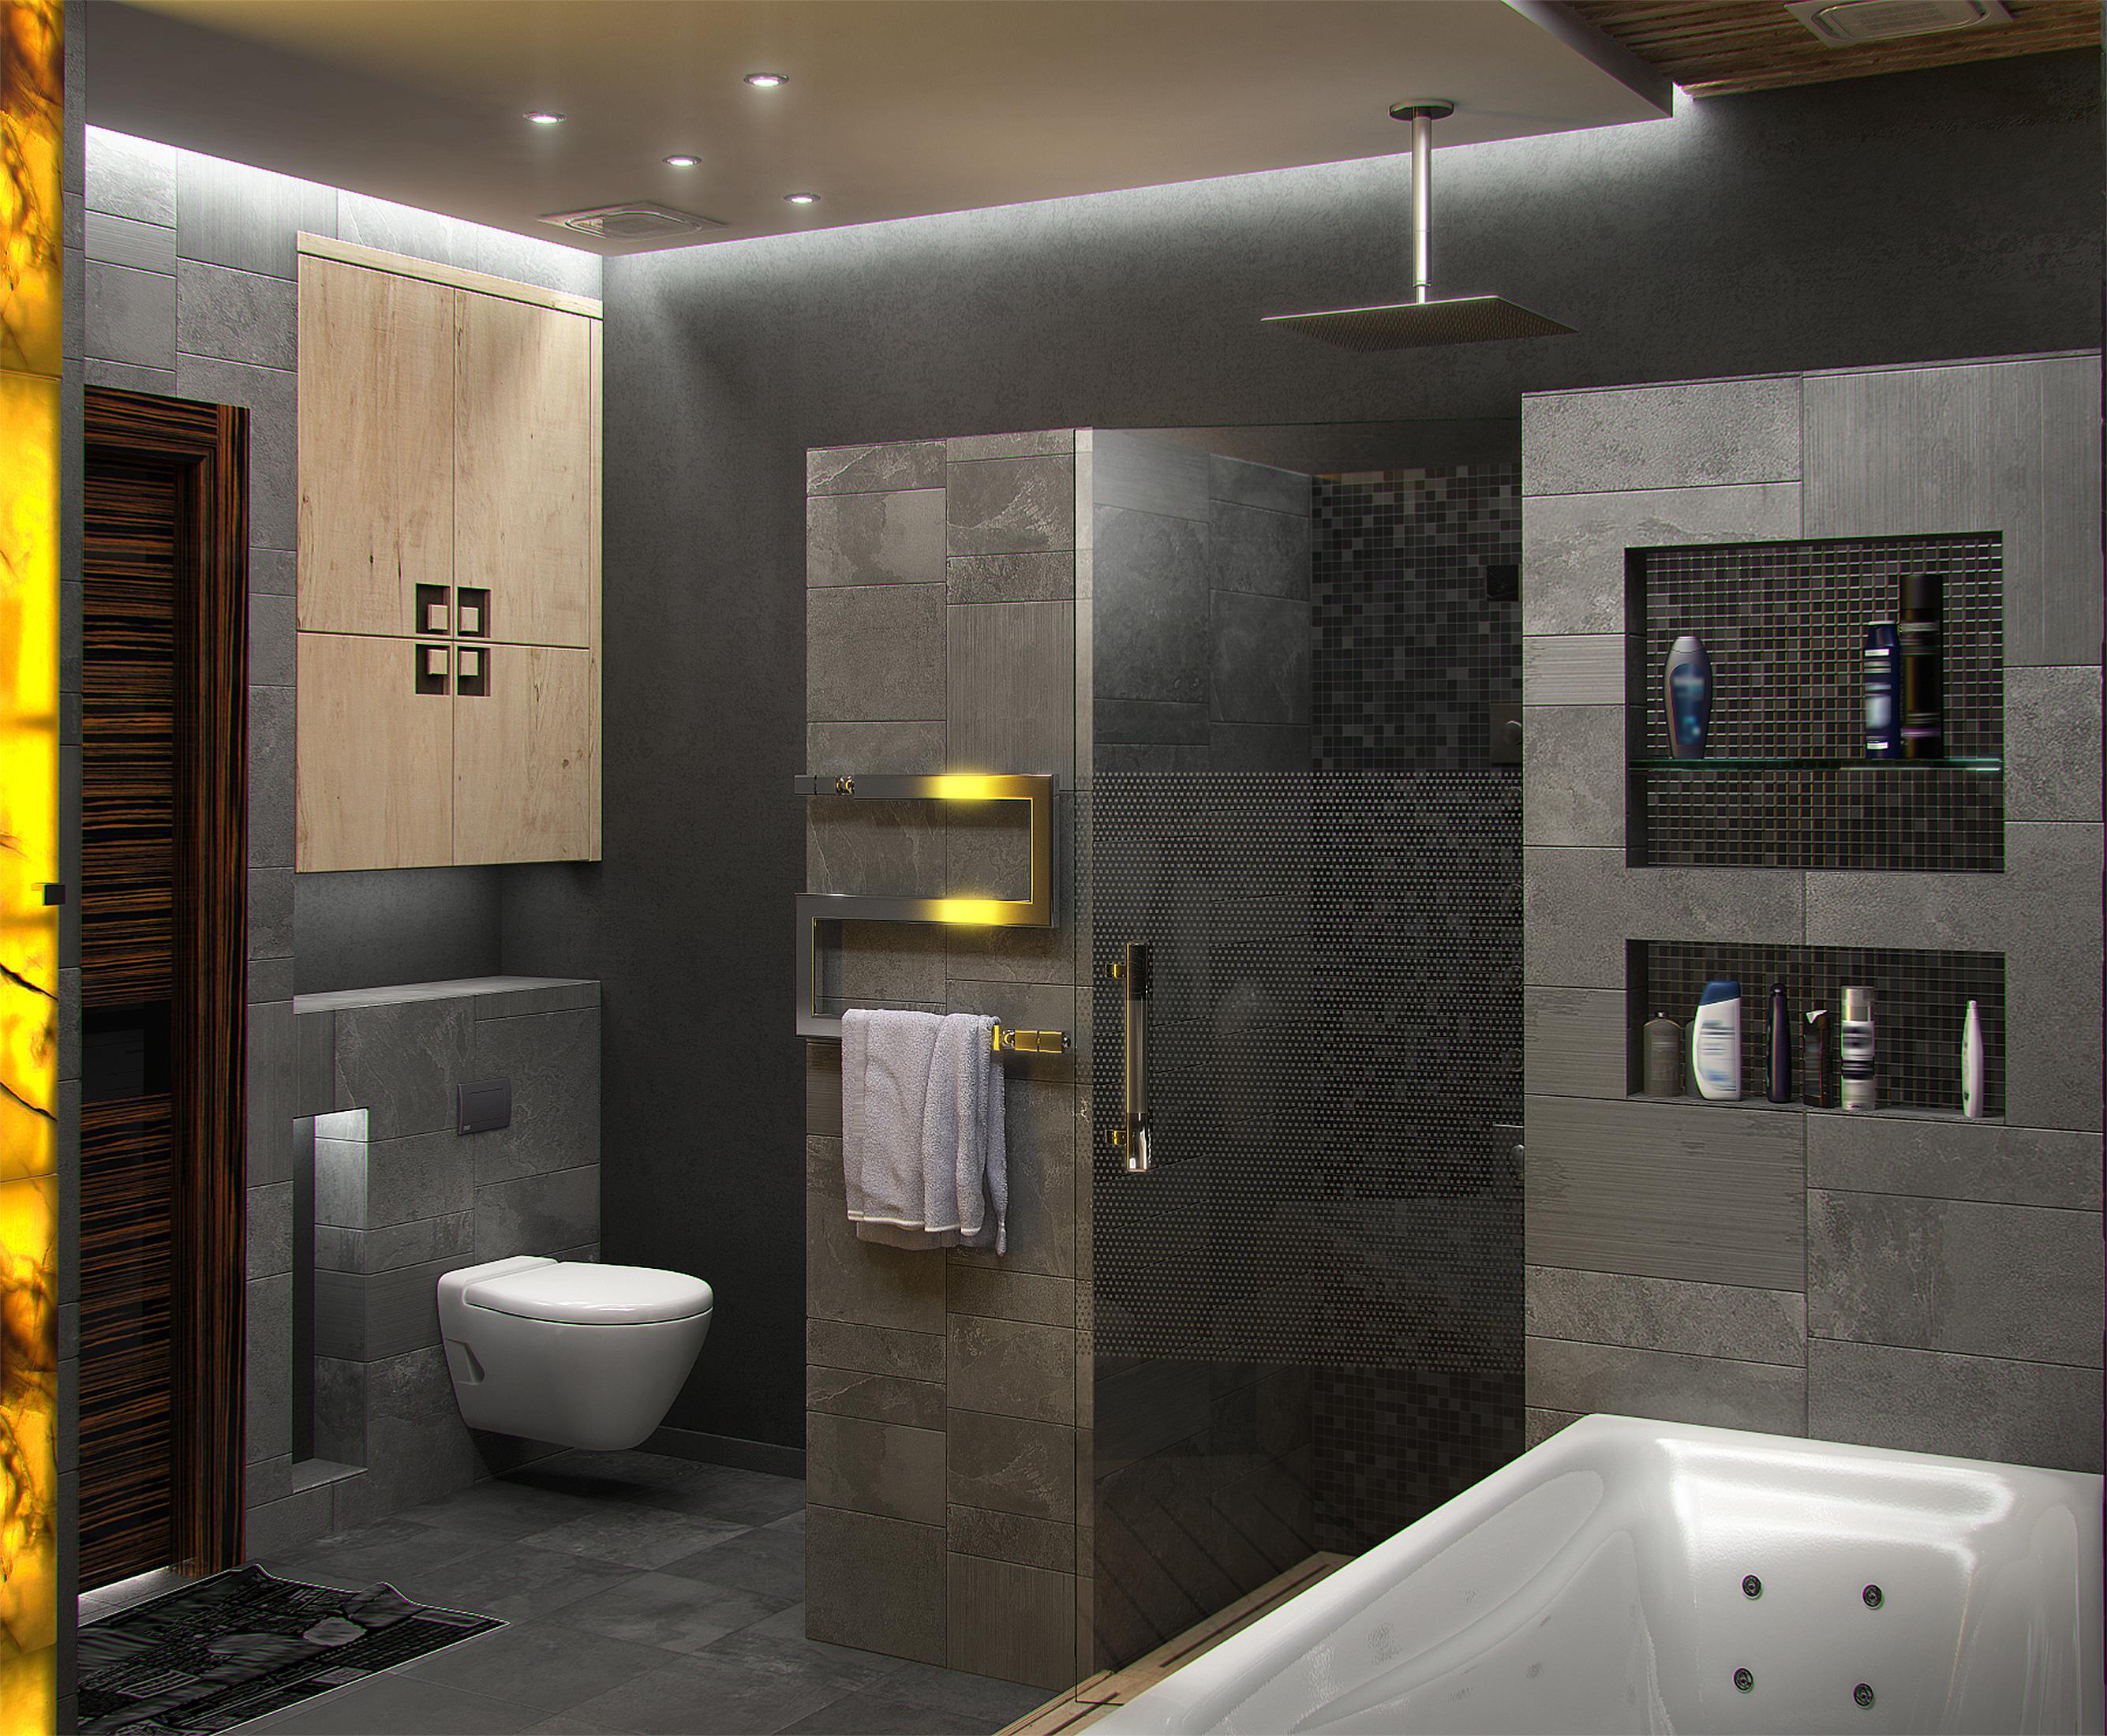 Salle de bain avenue melville ozen lectrique for Presentation salle de bain